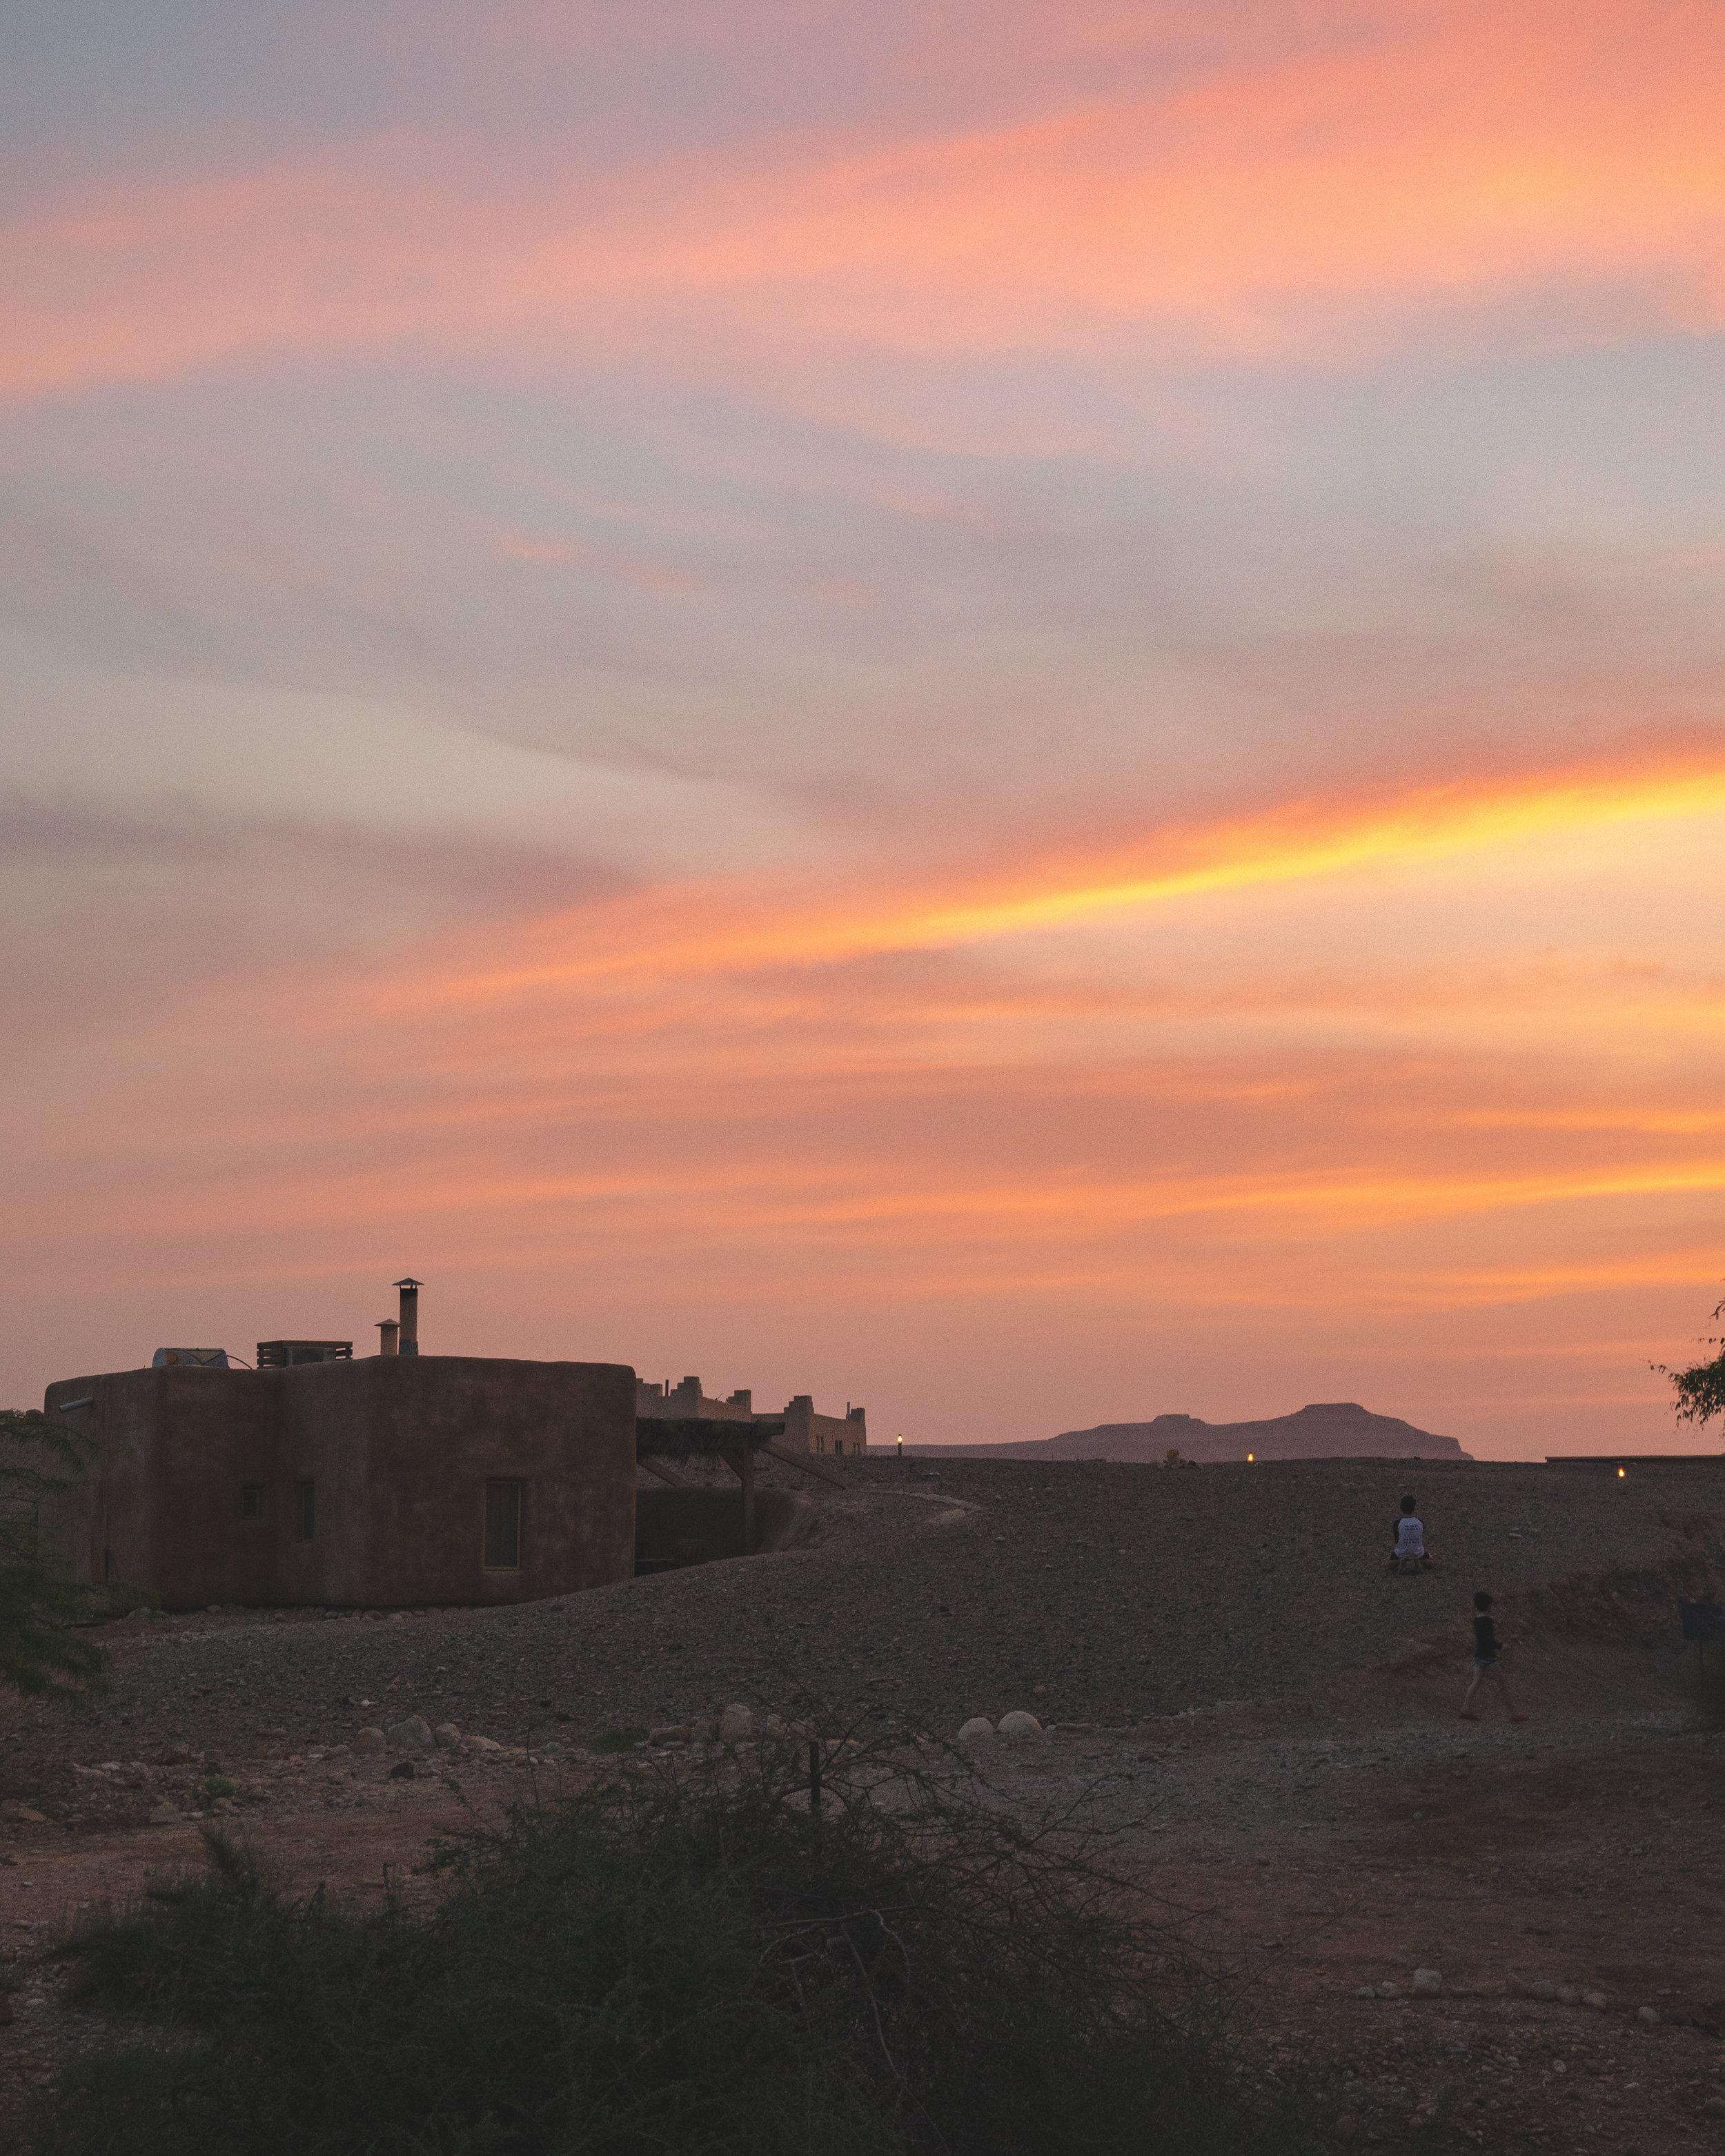 Sunset at Negev Desert - Best things to do in Negev Desert